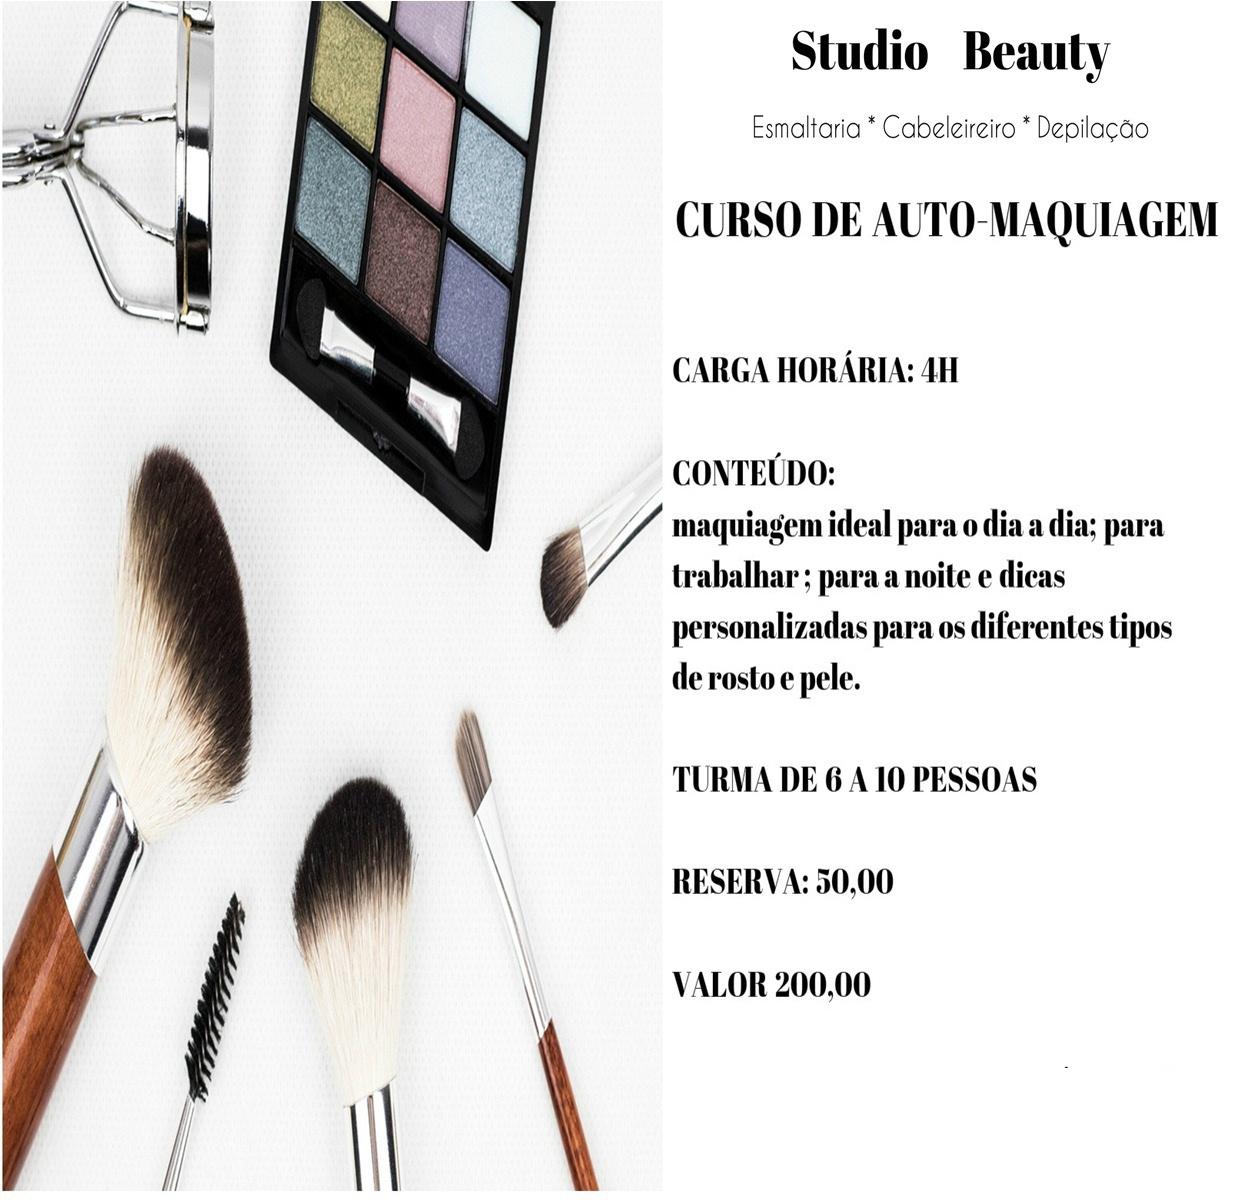 Cursos de auto maquiagem com chá da tarde e muita animação... aqui na Studio Beauty empresário(a) / dono de negócio